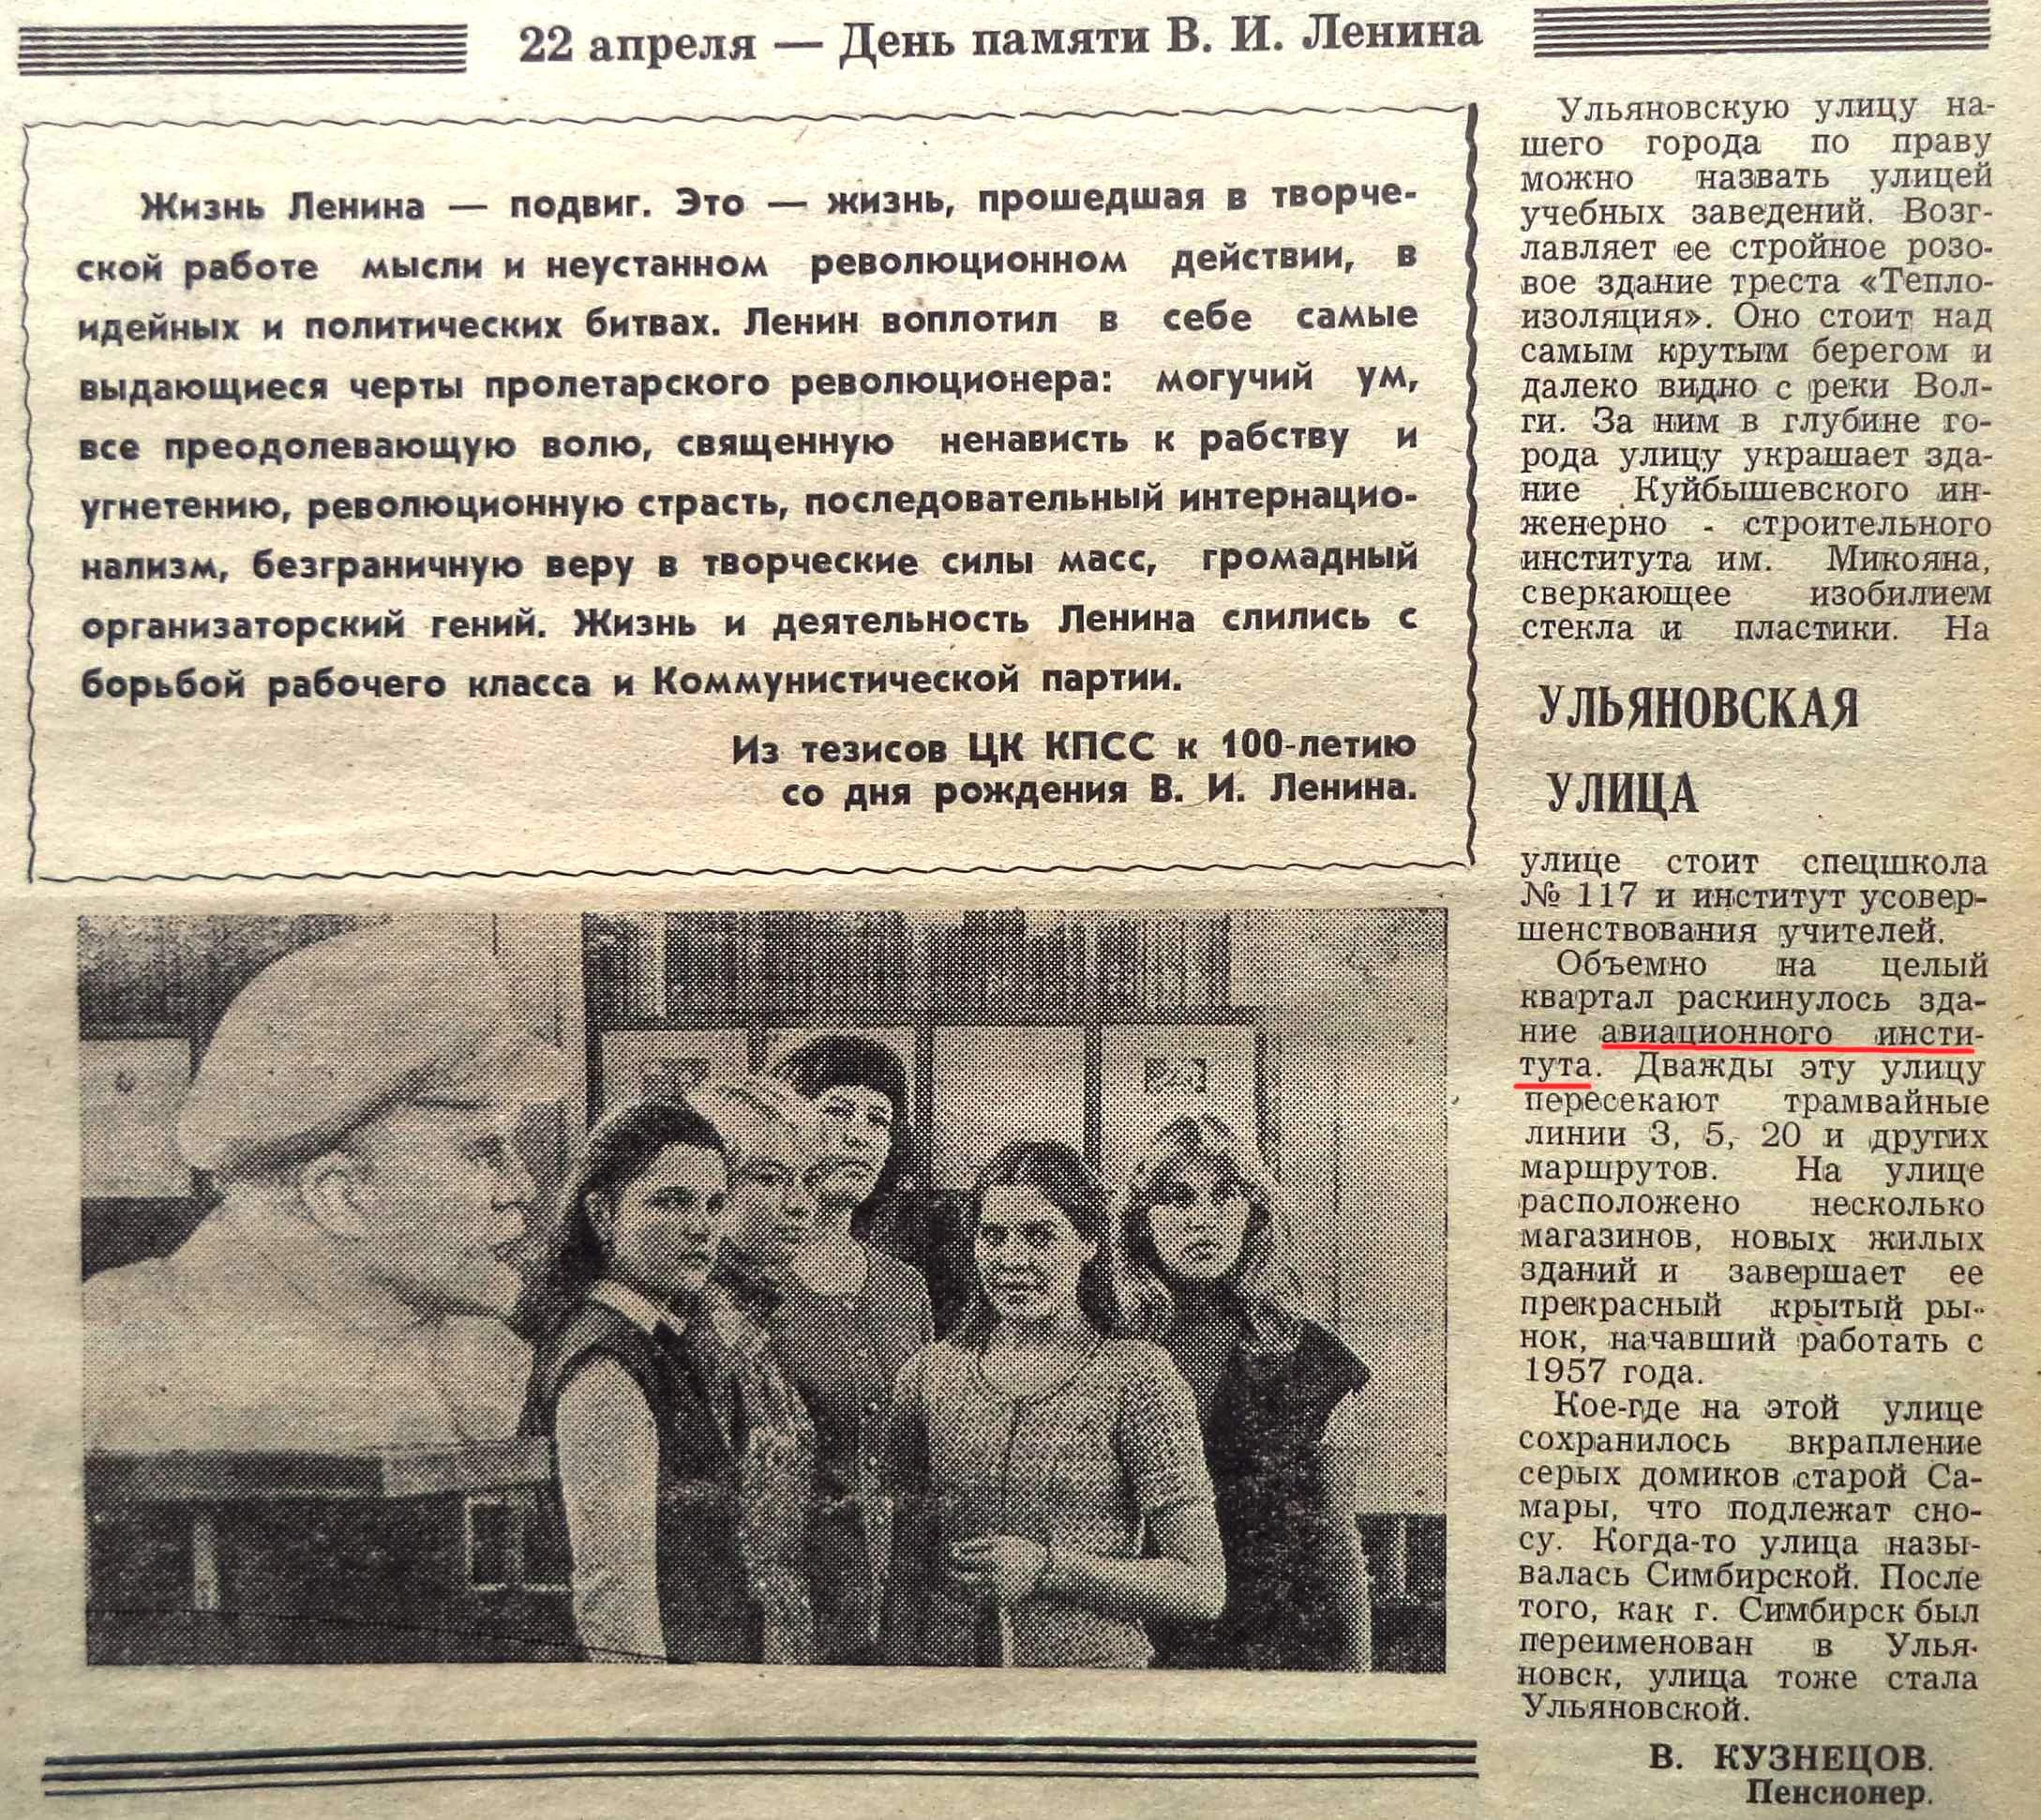 1 -- FOTO-Ulyanovskaya-Za_sovetskiy_stanok-1981-04-20-ob_ul_Ulyan-min